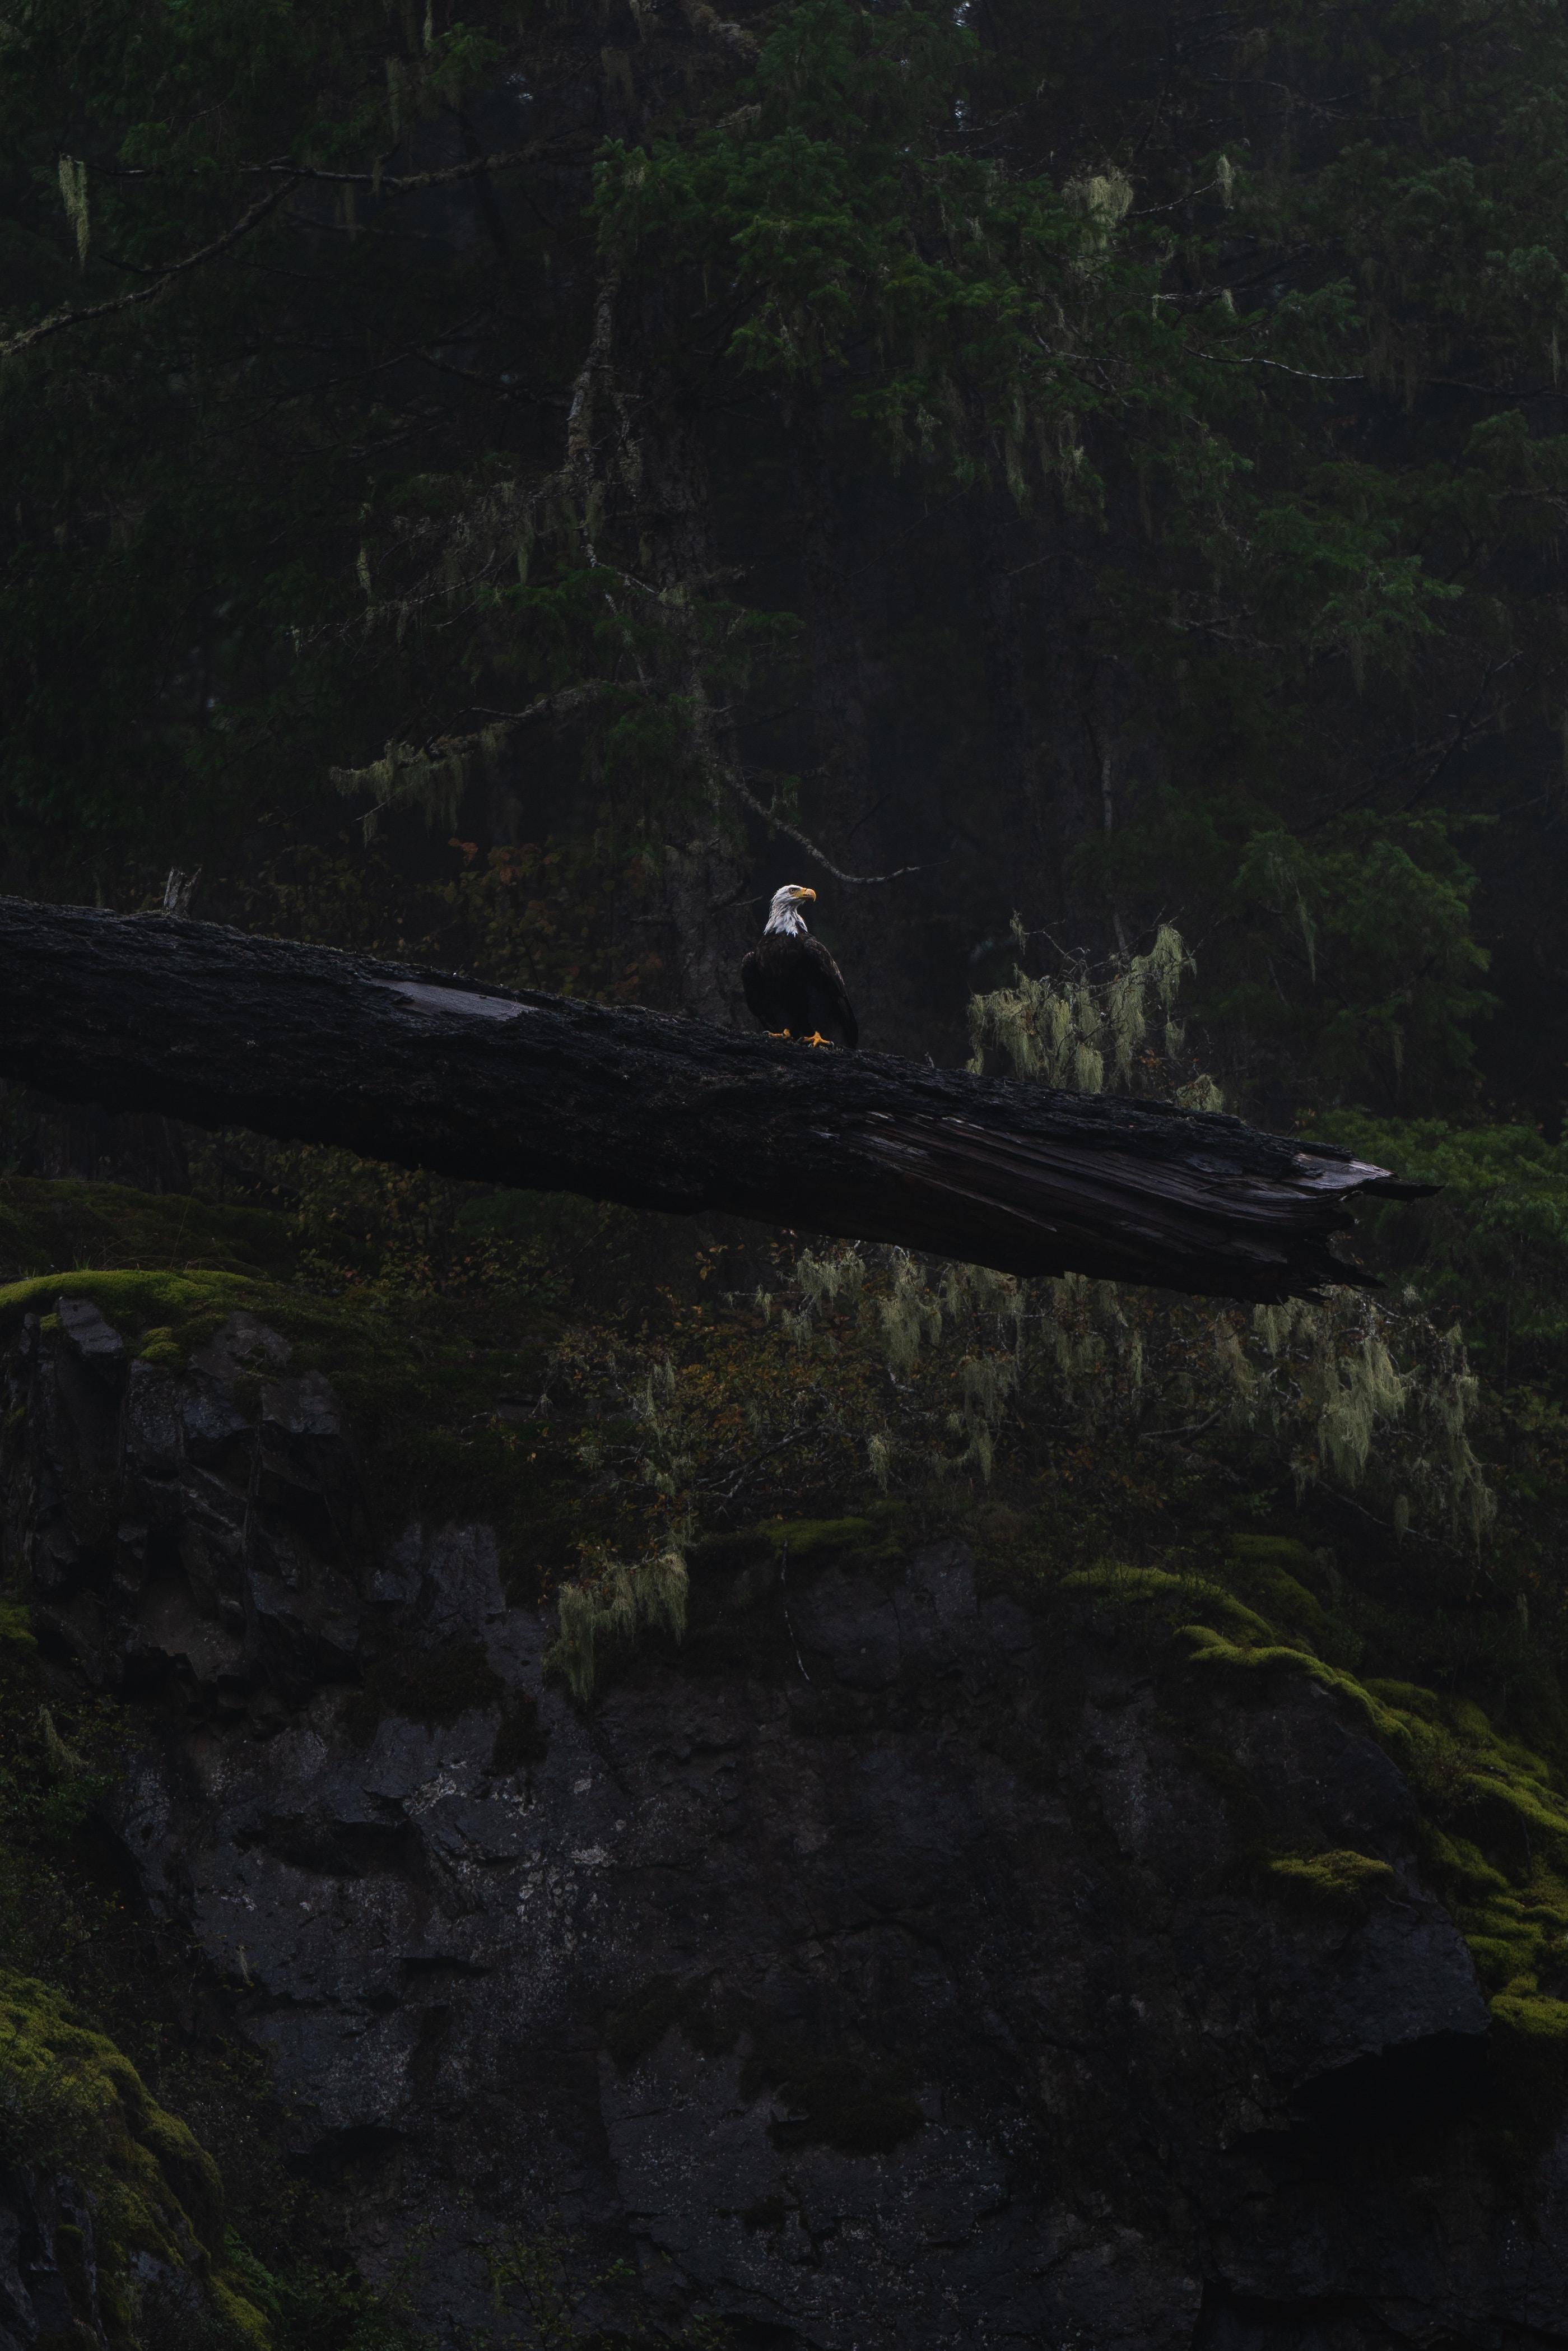 117571 скачать обои Животные, Орел, Птица, Дерево, Темный, Дикая Природа - заставки и картинки бесплатно